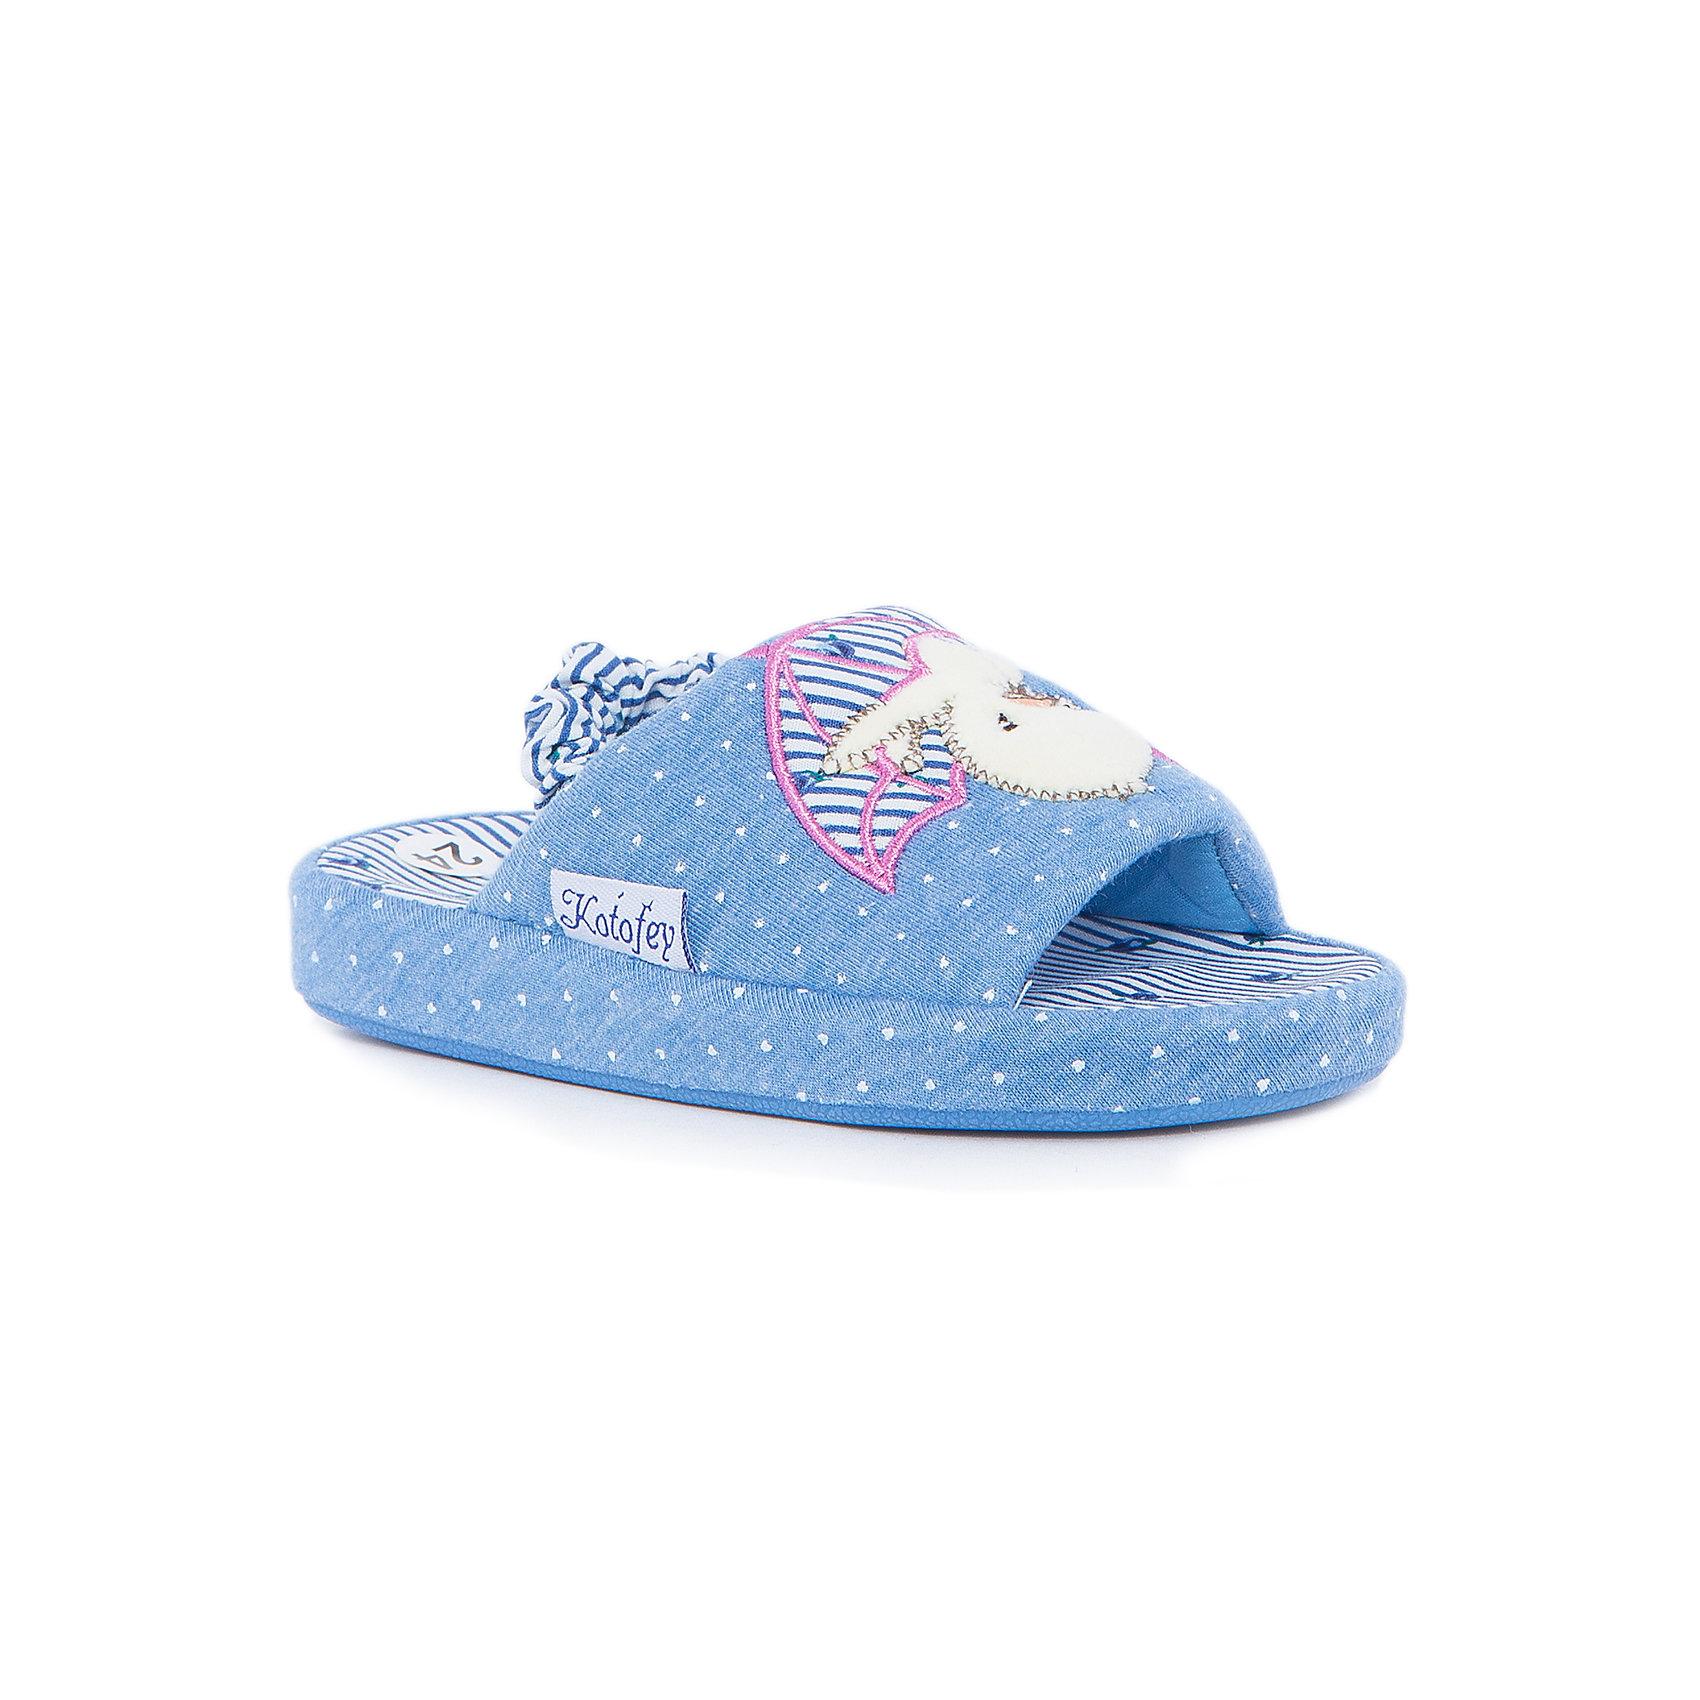 Тапки для девочки КотофейКотофей – качественная и стильная детская обувь по доступным ценам. С каждым днем популярность бренда растет.  Обувь – отражение человека. Домашней обуви необходимо уделять такое же внимание, как и уличной. Милые тапочки с открытым носиком станут любимым предметом гардероба маленькой модницы. Такая домашняя обувь одновременно и согреет и будет стильным аксессуаром к любимой пижамке подходящего цвета.<br><br>Дополнительная информация:<br><br>цвет: цветной;<br>крепление: клеевое.<br><br>Состав:<br>верх – утепленный текстиль;<br>материал подклада – текстиль;<br>подошва – ТЭП.<br><br>Цветные тапочки для девочек дошкольного возраста из текстиля от фирмы Котофей можно приобрести в нашем магазине.<br><br>Ширина мм: 219<br>Глубина мм: 158<br>Высота мм: 118<br>Вес г: 274<br>Цвет: синий<br>Возраст от месяцев: 21<br>Возраст до месяцев: 24<br>Пол: Женский<br>Возраст: Детский<br>Размер: 24,26,28,27,29,25<br>SKU: 4982018